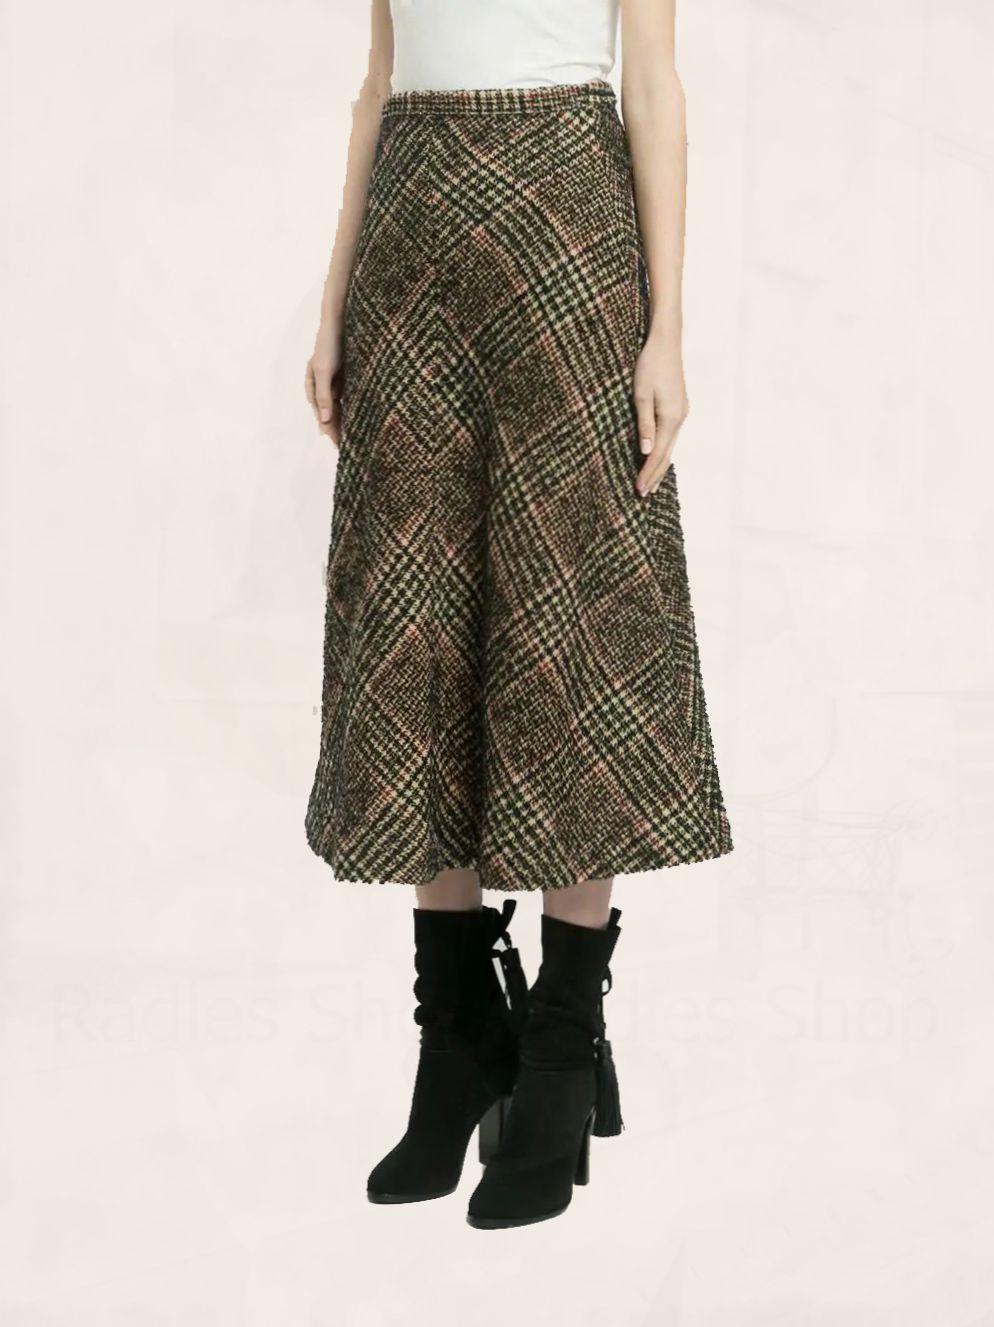 Юбки ручной работы. Ярмарка Мастеров - ручная работа. Купить Длинная юбка на каждый день, в офис, для повседневной жизни. Handmade.